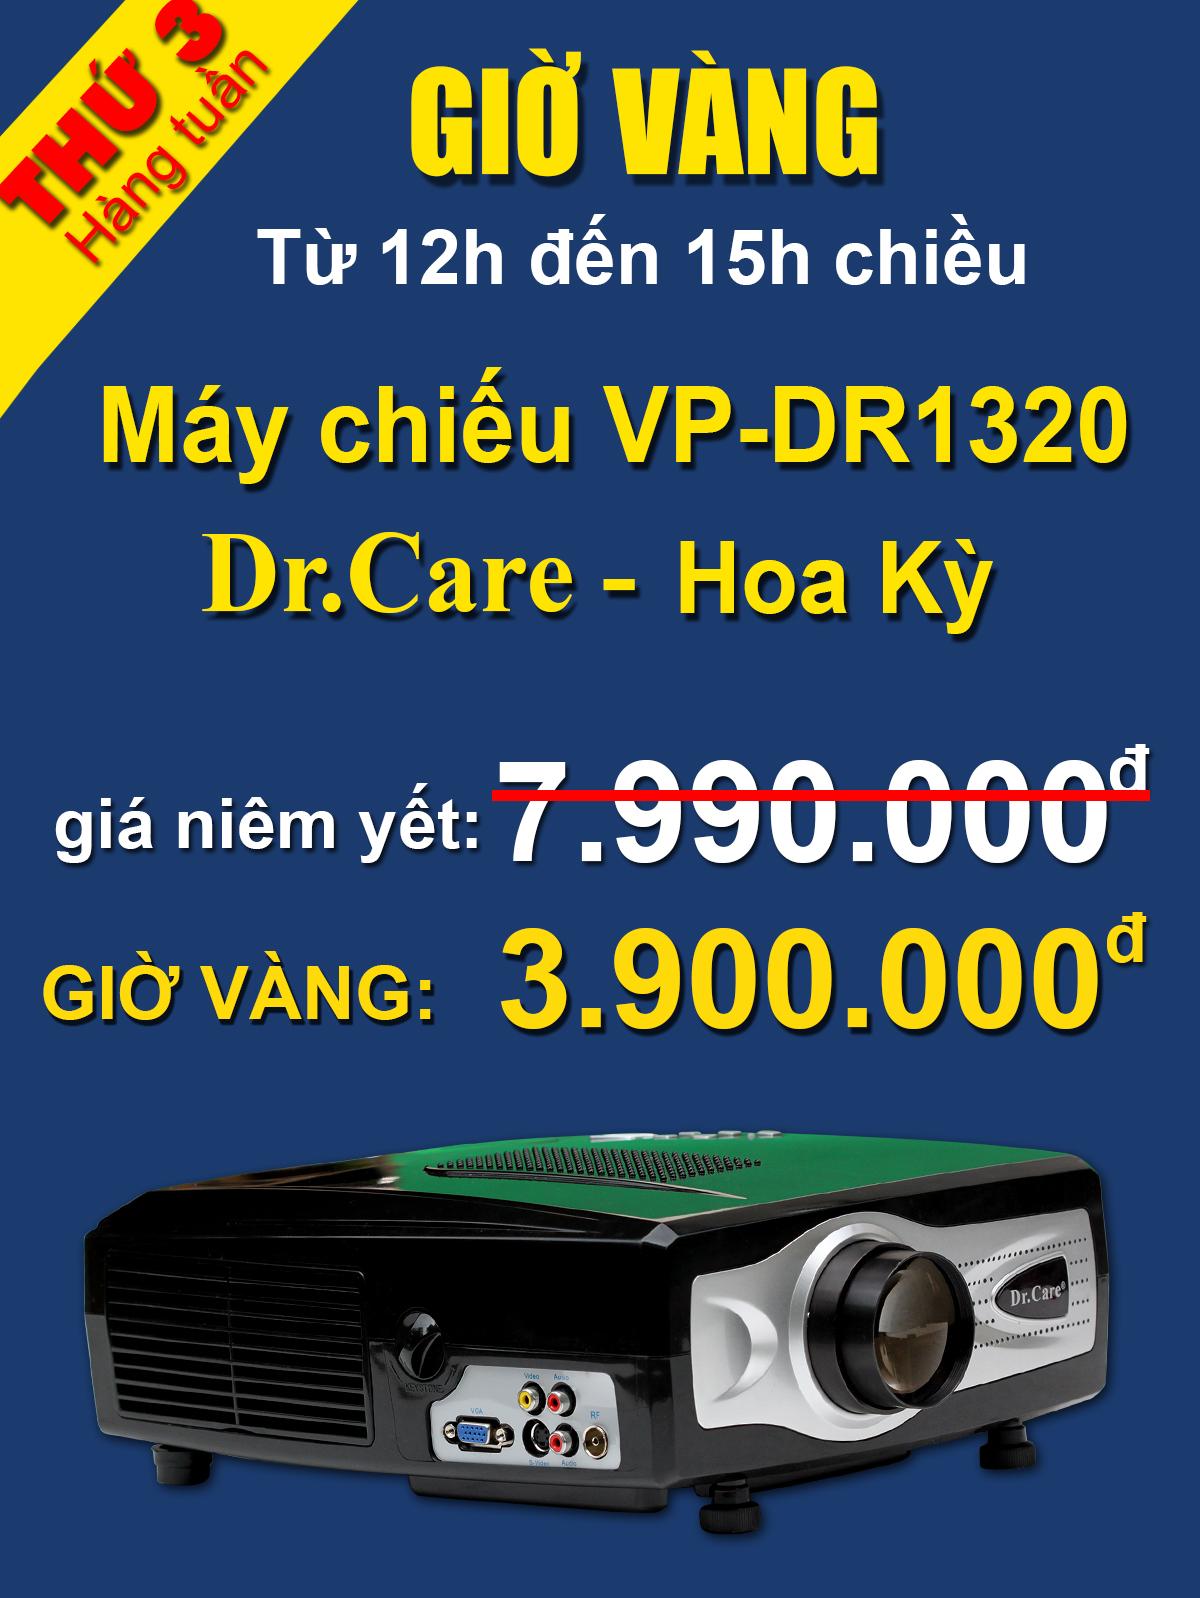 Máy chiếu VP-DR1320